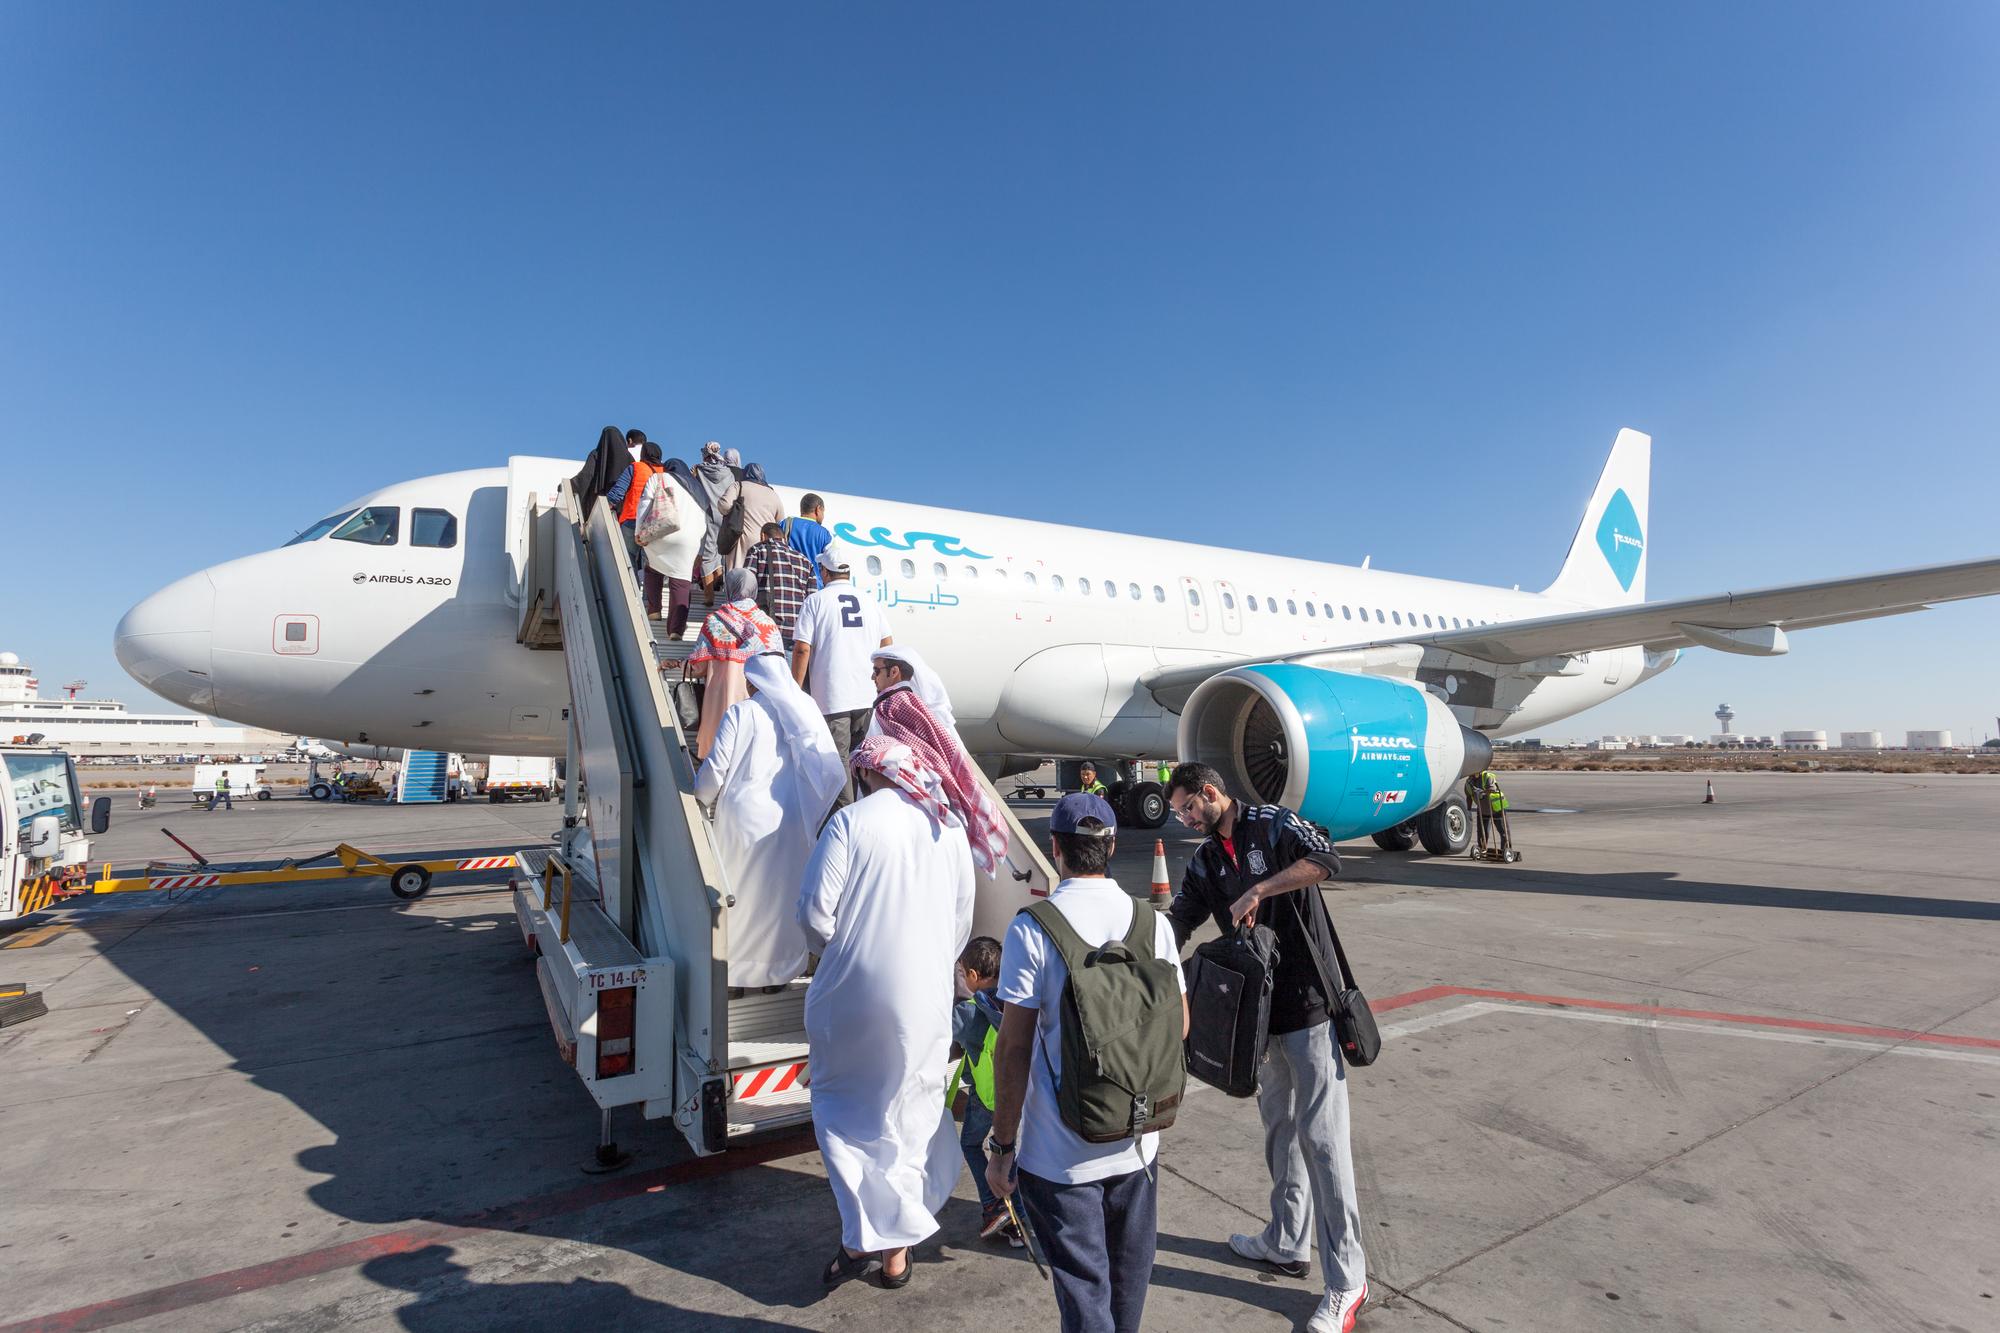 Les compagnies emirati figurent parmi les plus dynamiques depuis le début de la pandémie. /crédit DEpositPhoto